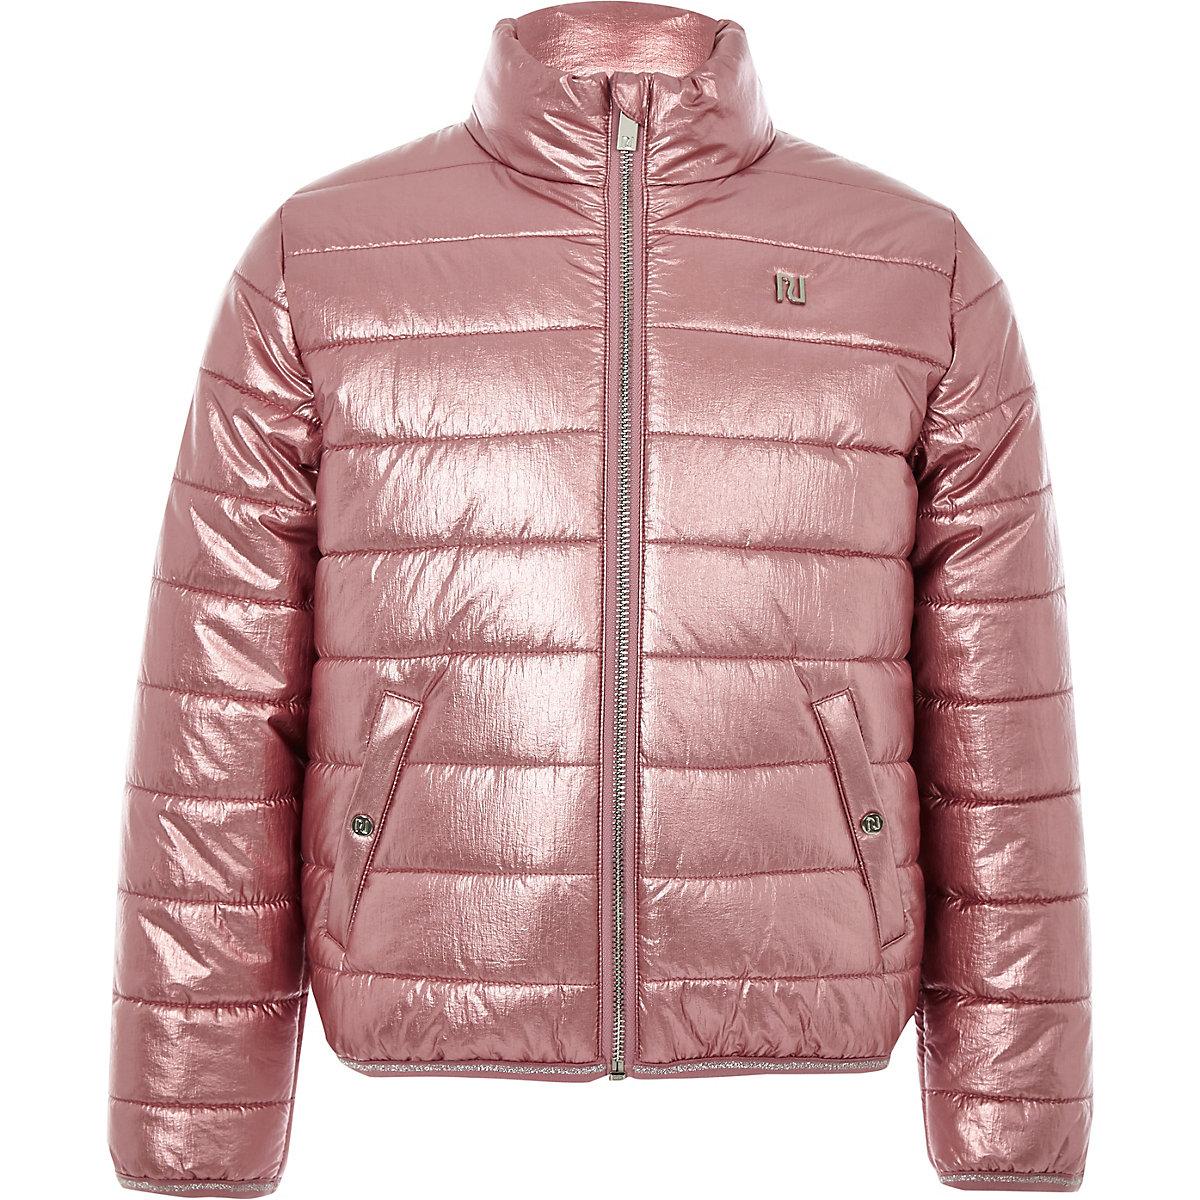 Girls pink metallic padded bomber jacket